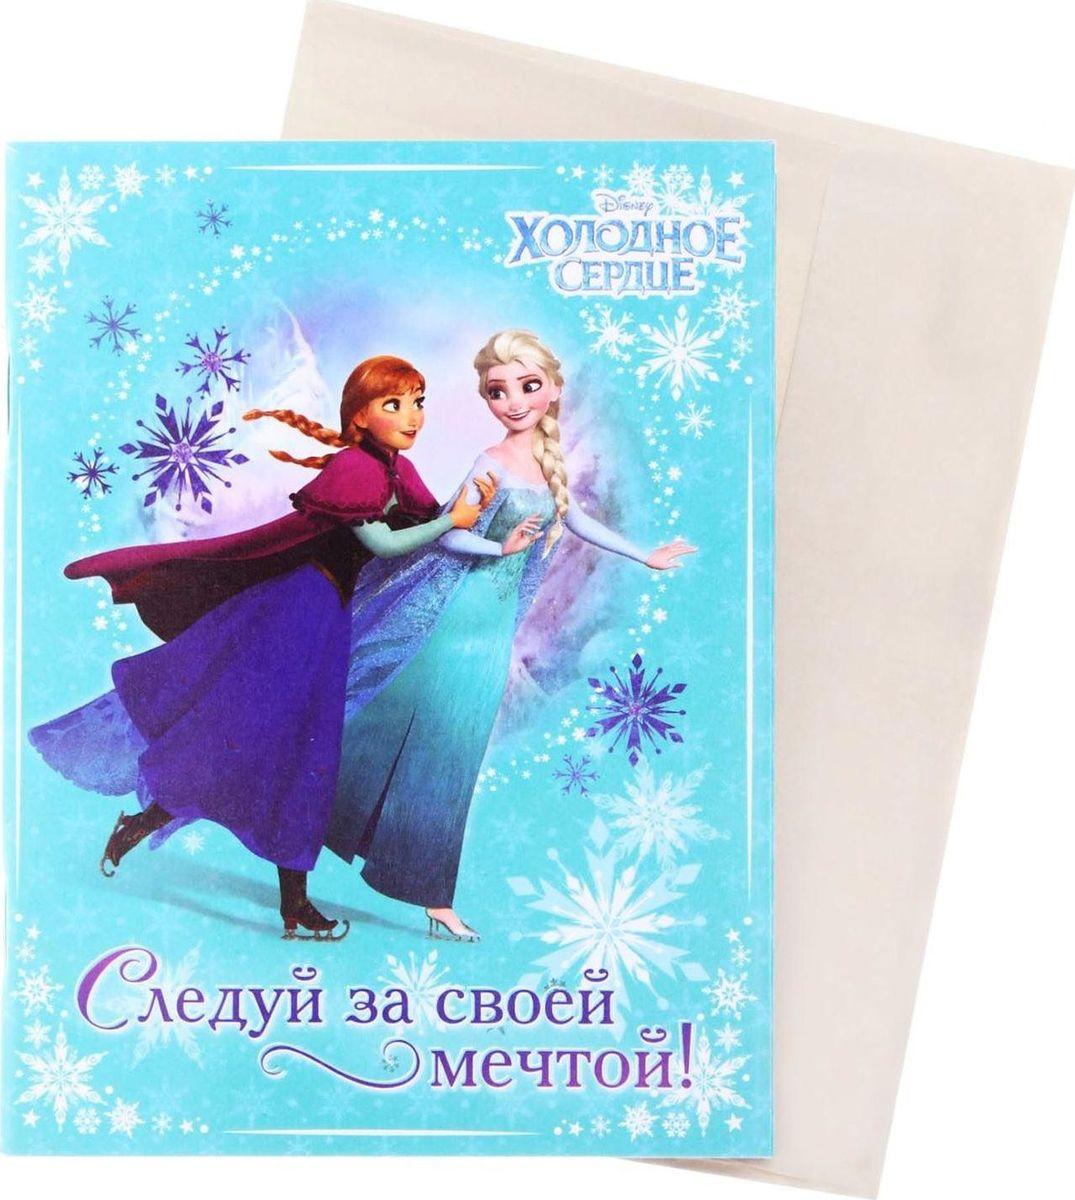 Disney Блокнот-открытка Холодное сердце Следуй за своей мечтой 32 листа1121645Перед вами уникальная разработка. С одной стороны, это яркая открытка с героями любимого мультфильма, а стоит заглянуть внутрь и вы найдете 32 дизайнерских листа с бархатной фактурой.В отличие от обычной открытки, которая зачастую просто пылится в шкафу, блокнотом Холодное сердце: следуй за своей мечтой приятно пользоваться!Блокнот наполнен советами для юных принцесс.Эксклюзивный блокнот-открытка будет прекрасным подарком для любимой дочери любого возраста. В подарок к блокноту-открытке вложен универсальный конверт. Подпишите его и вручите сувенир адресату на любой праздник.